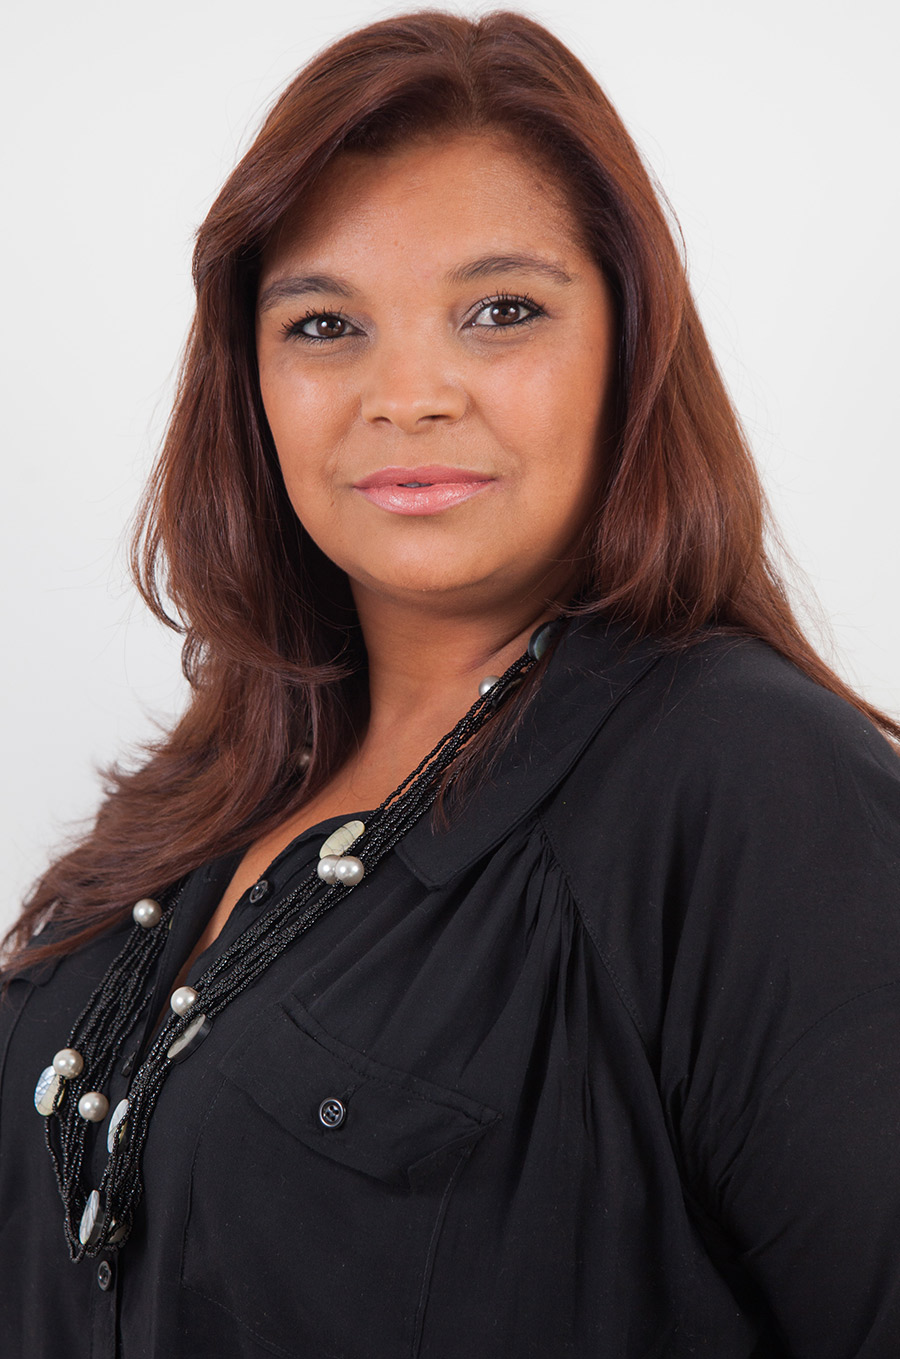 adriana-ribeiro-hair